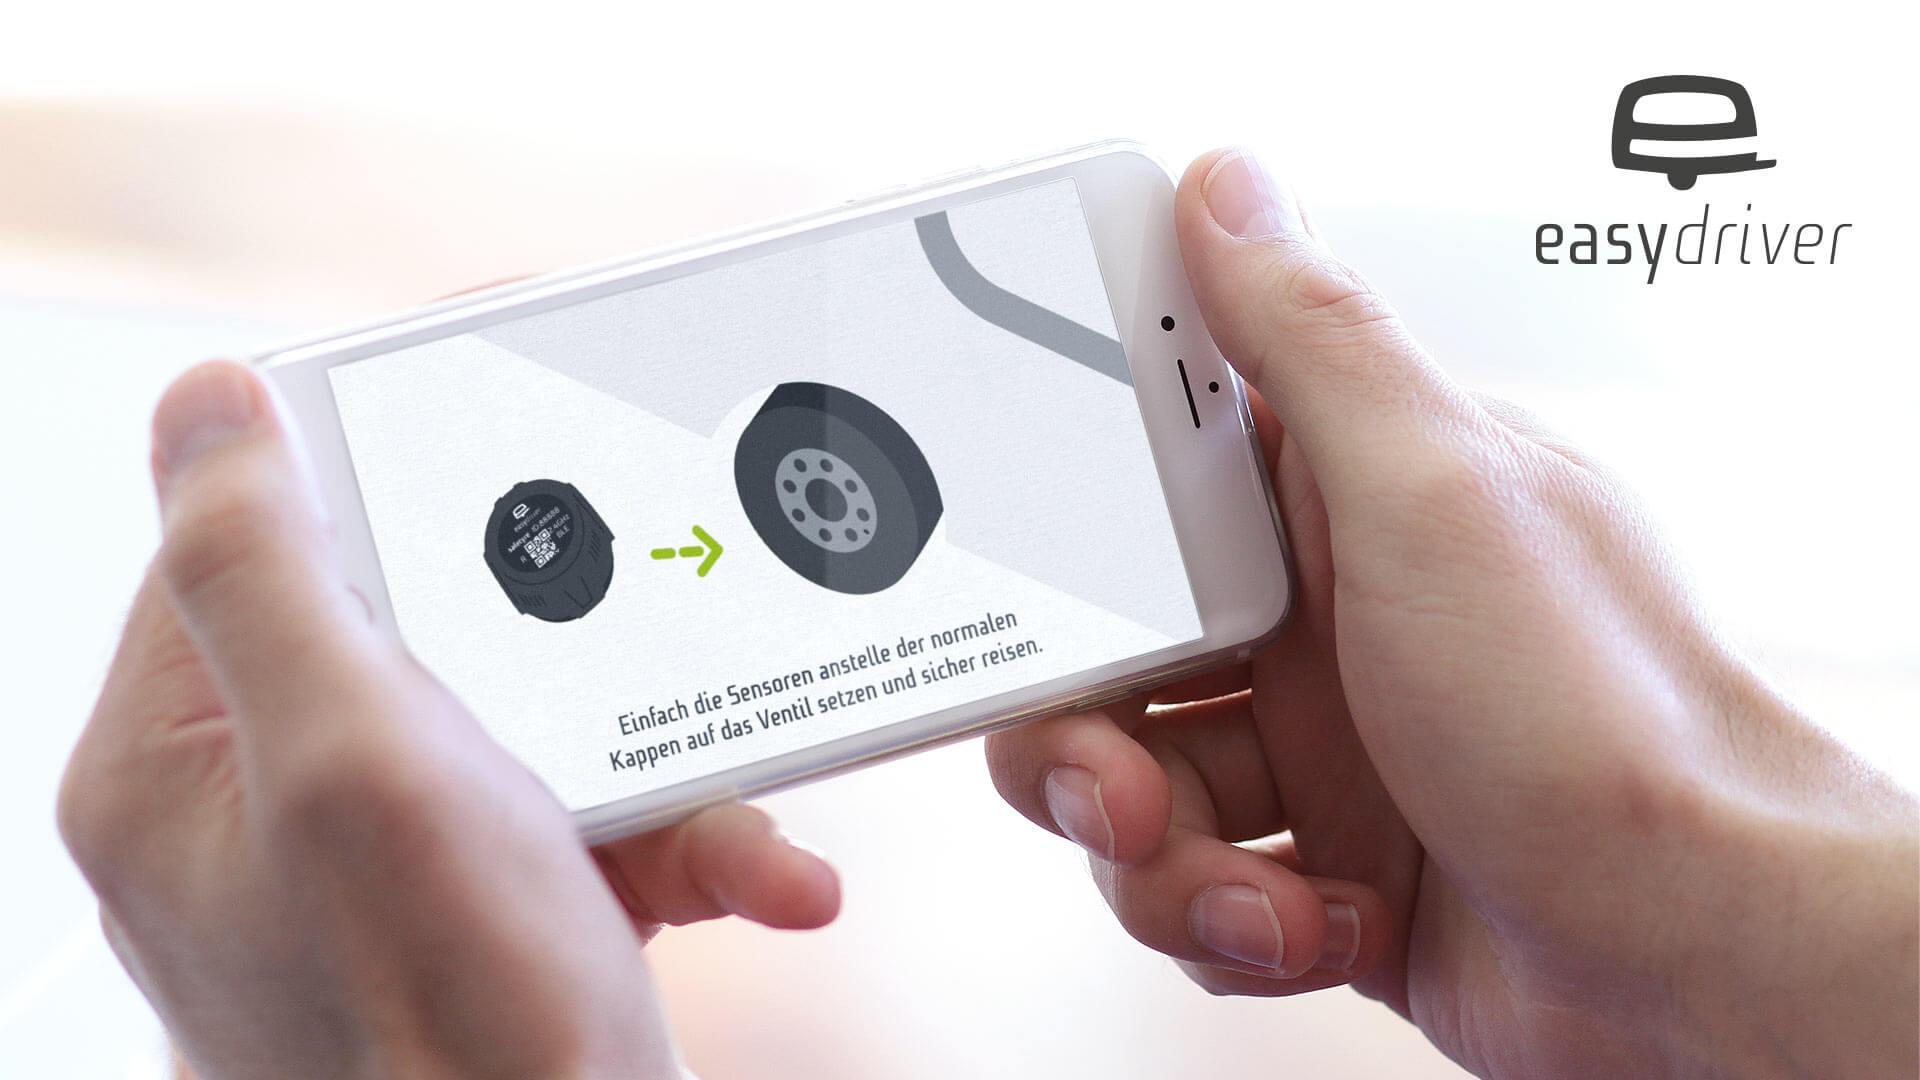 easydriver-erklaerfilm-safetyre-beitragsbild